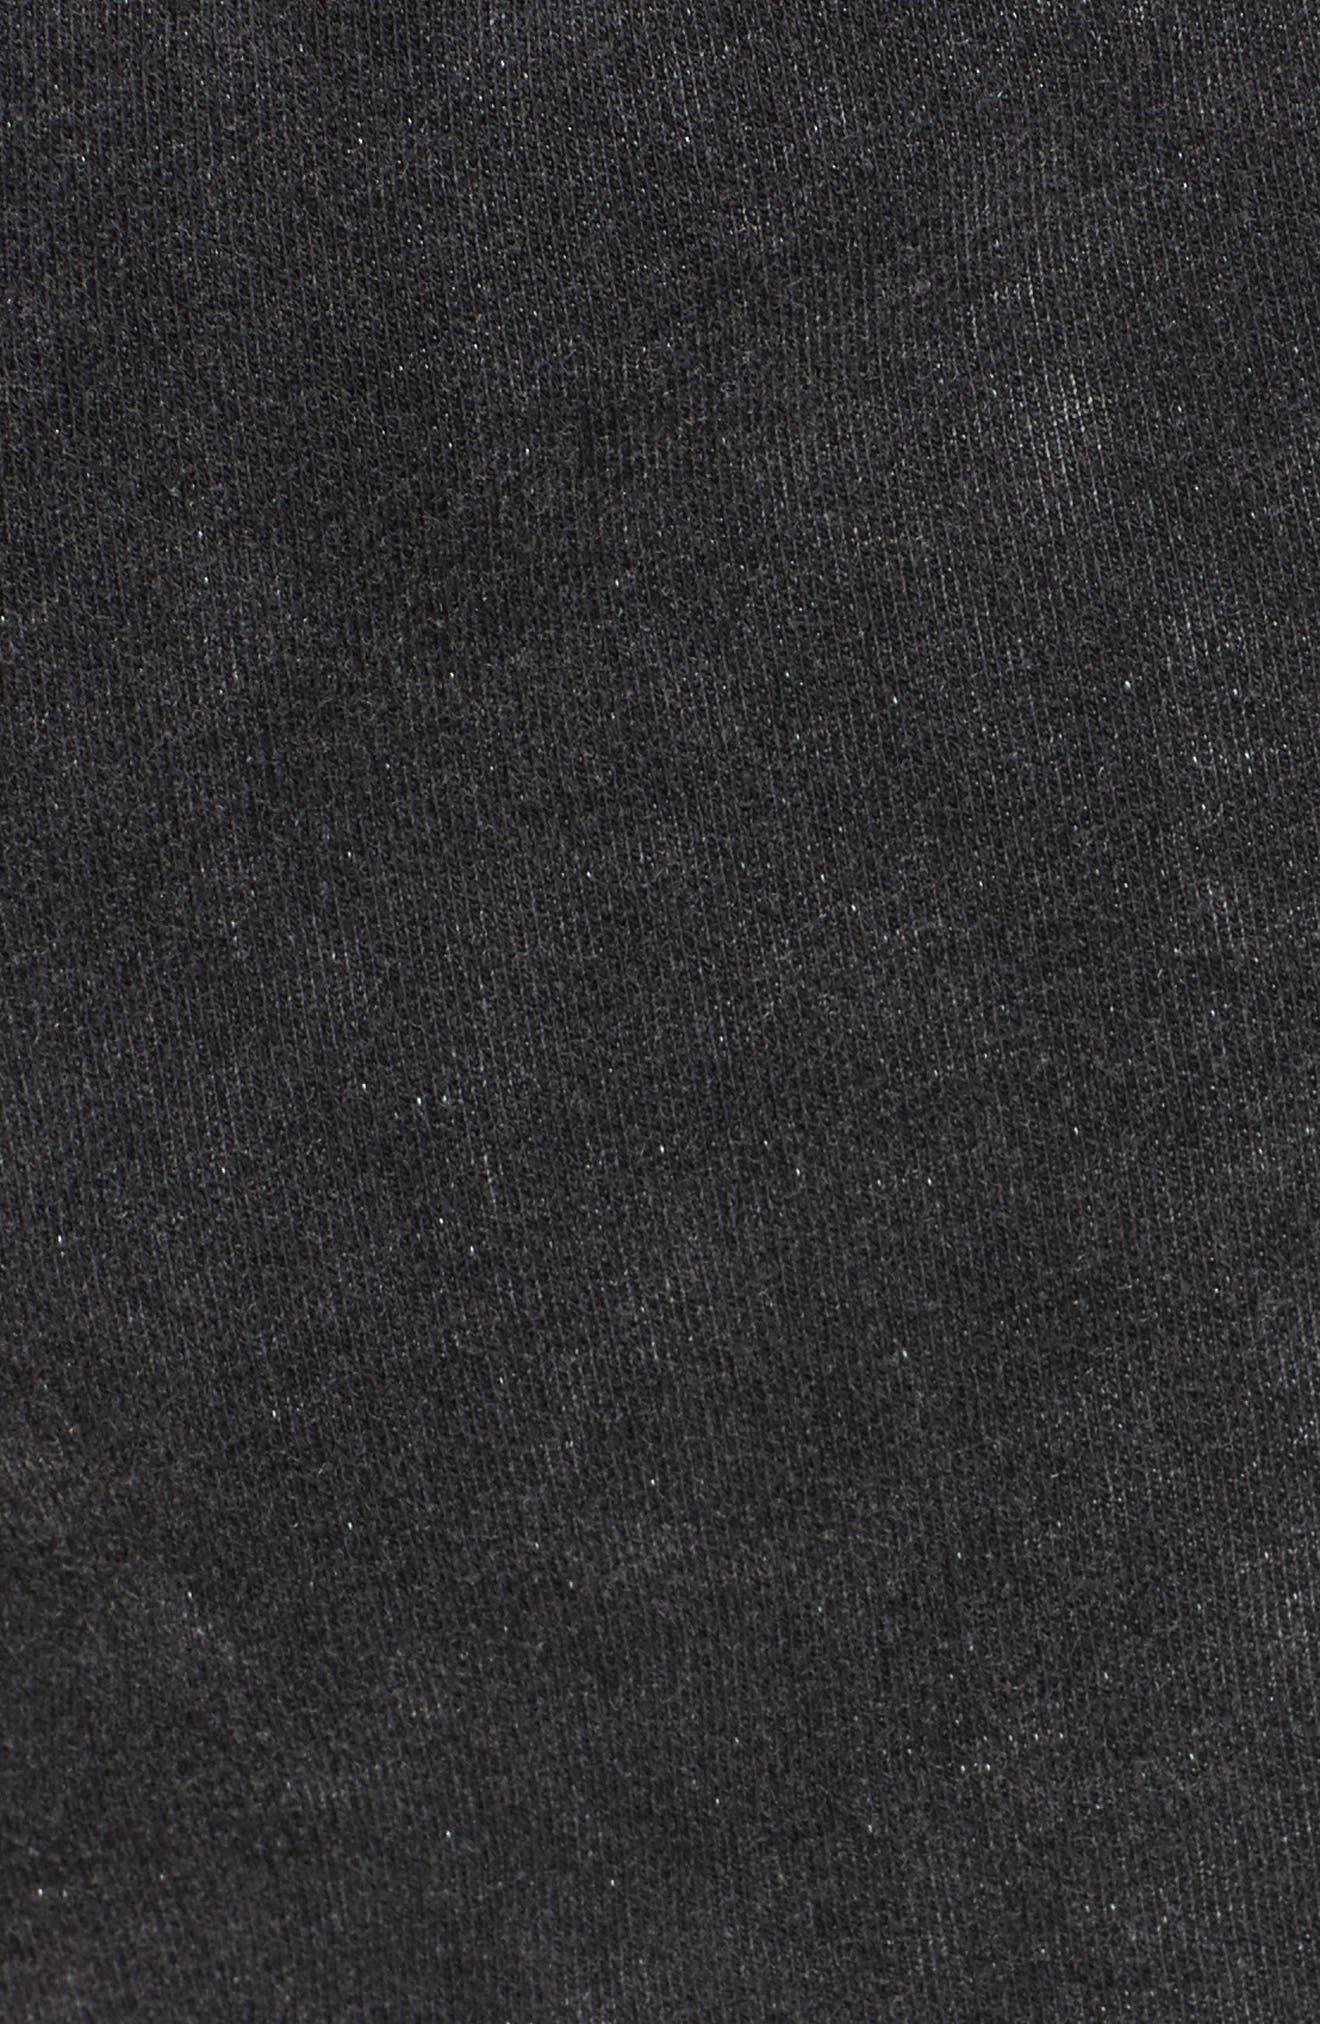 Lounge Shorts,                             Alternate thumbnail 6, color,                             Black